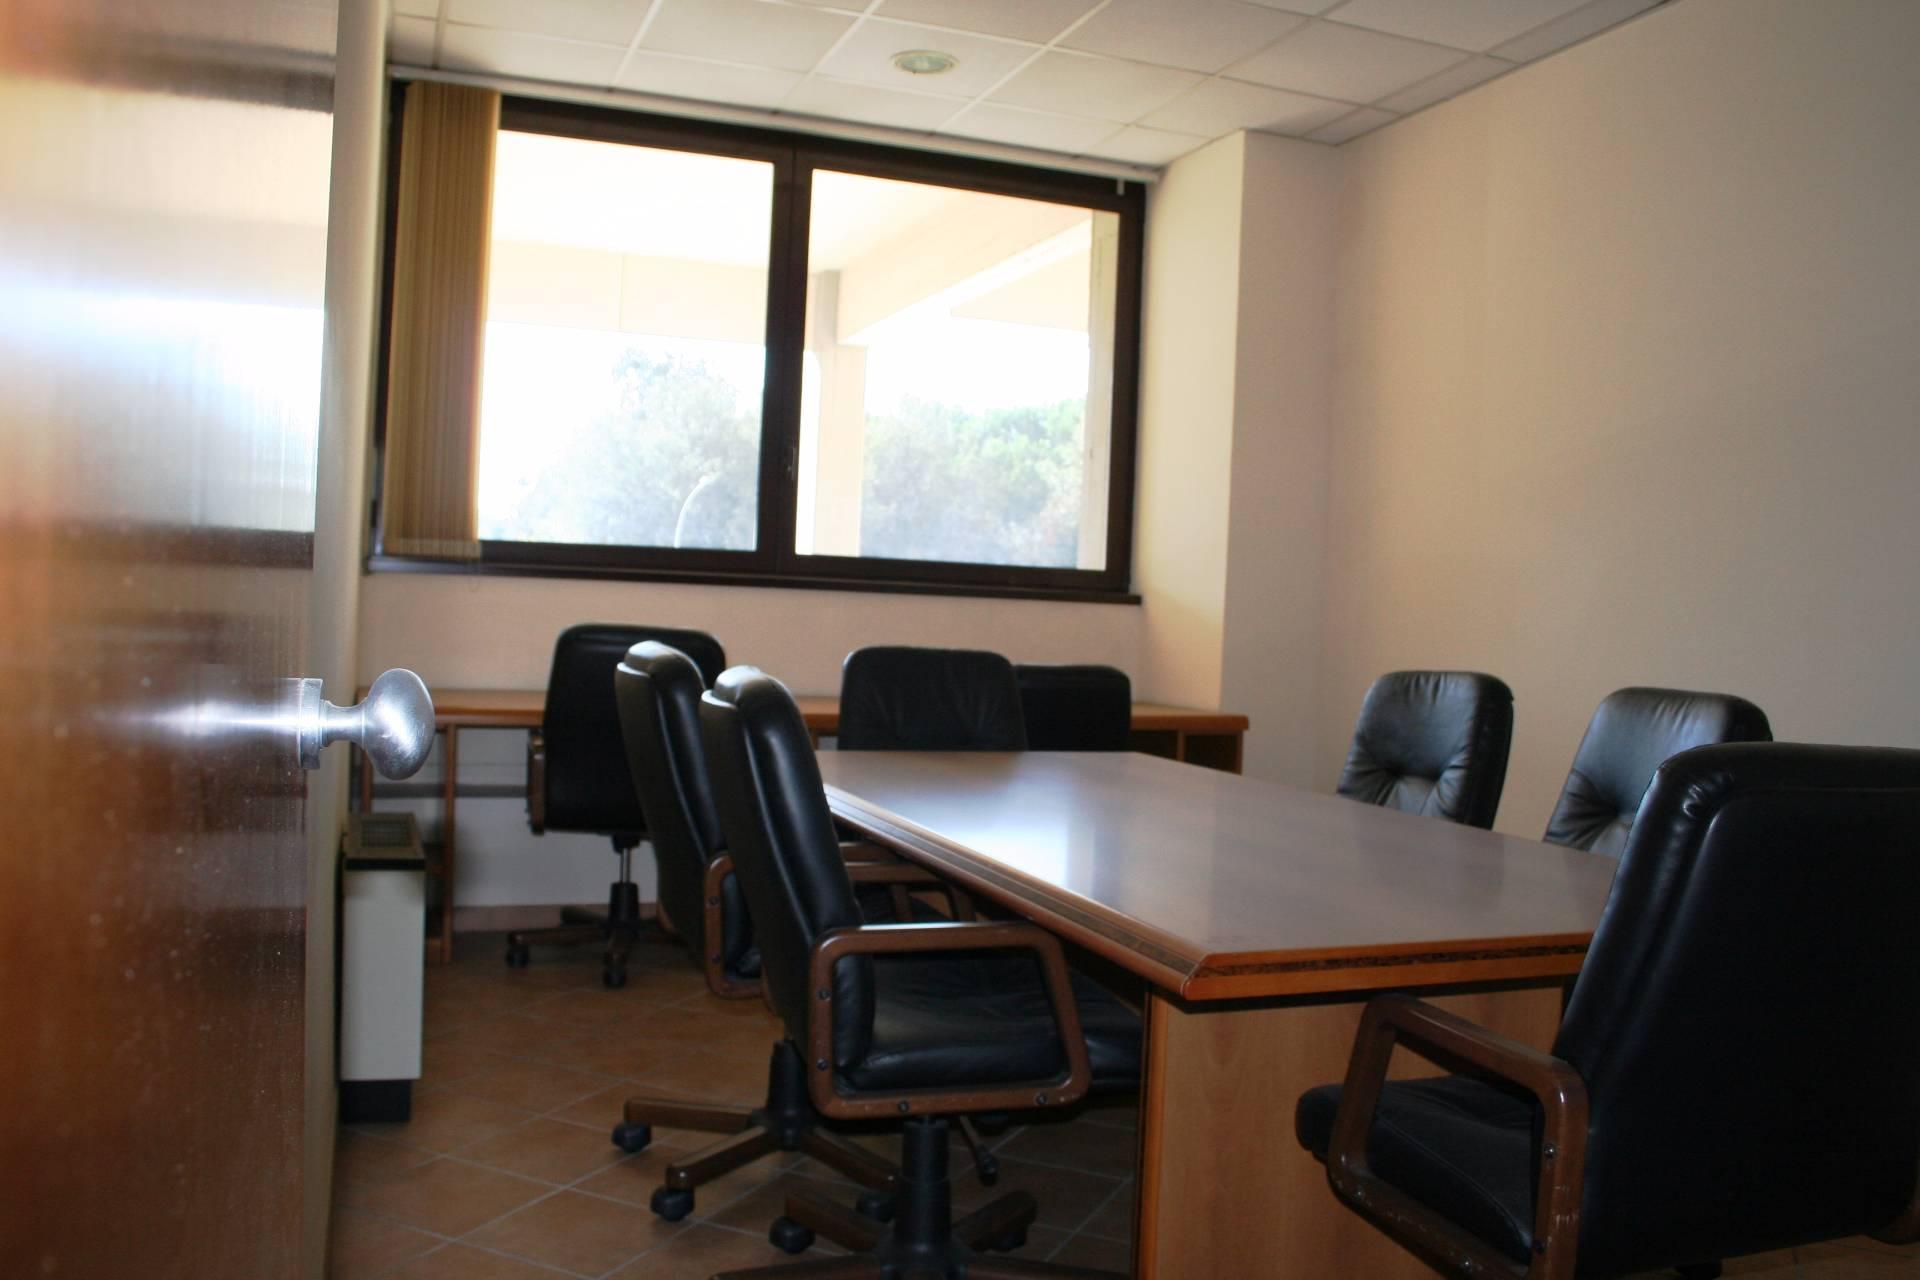 Cbi082 394 51938 ufficio in vendita a roma spinaceto for Vendita ufficio roma